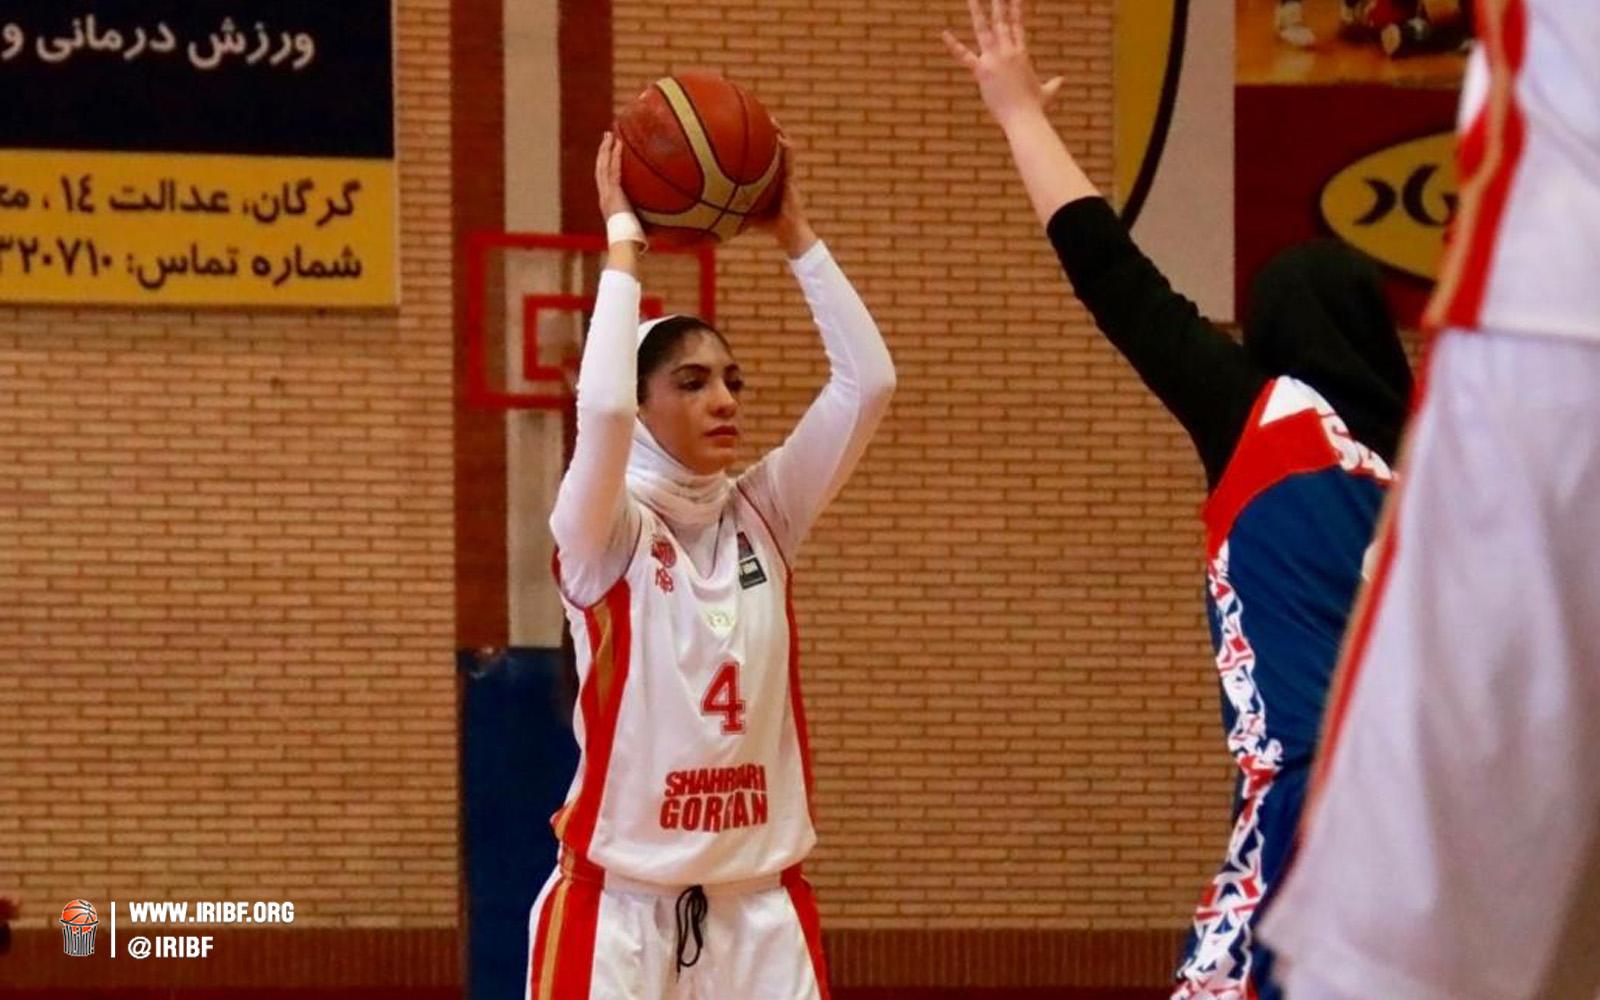 بانوان شهر گرگان به فینال لیگ برتر بسکتبال زنان راه پیدا کرد